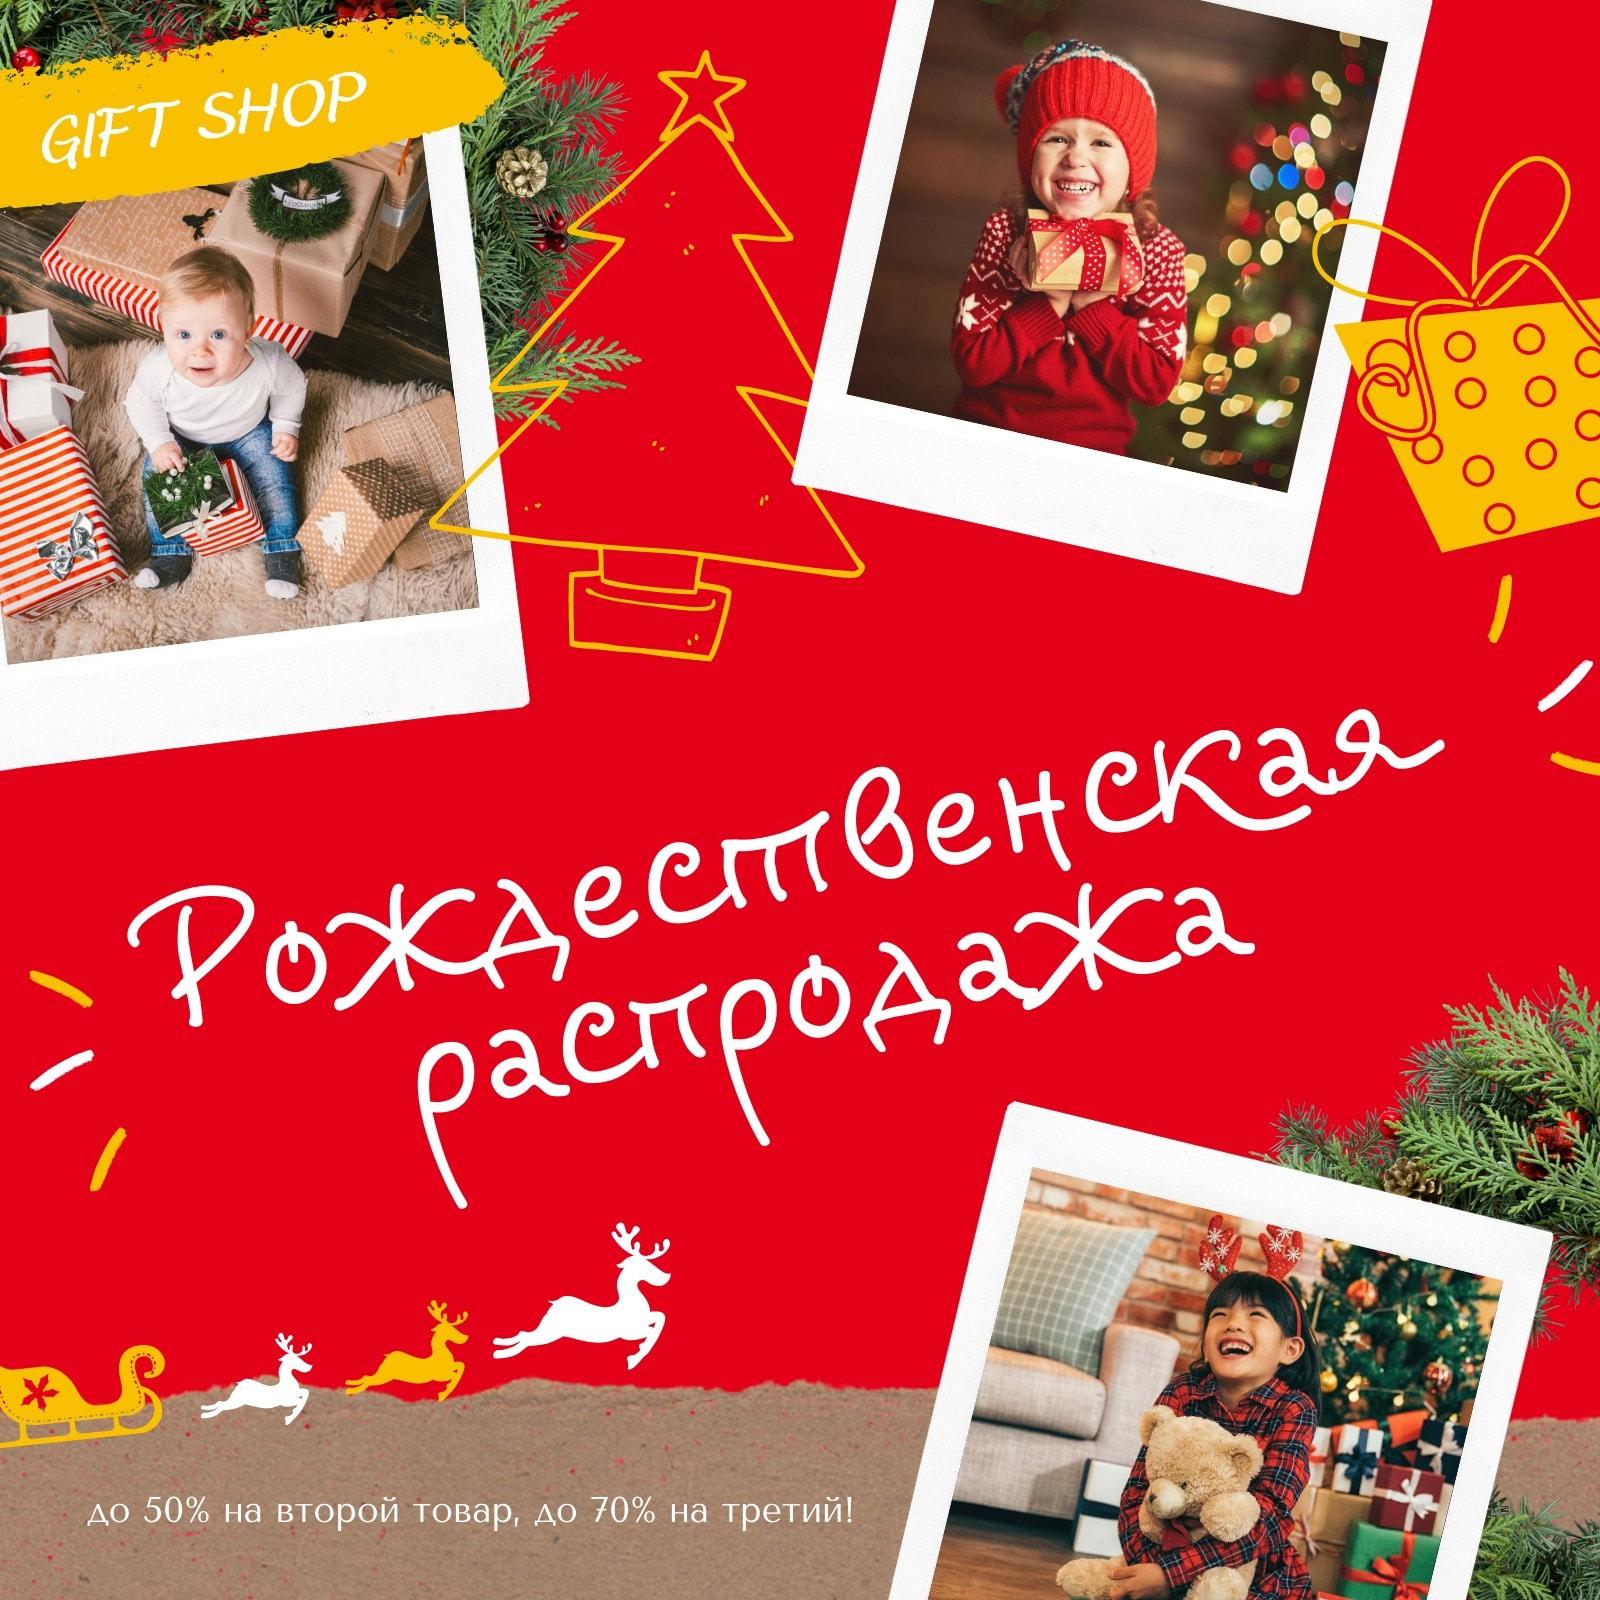 Красная публикация в Instagram с рождественскими подарками